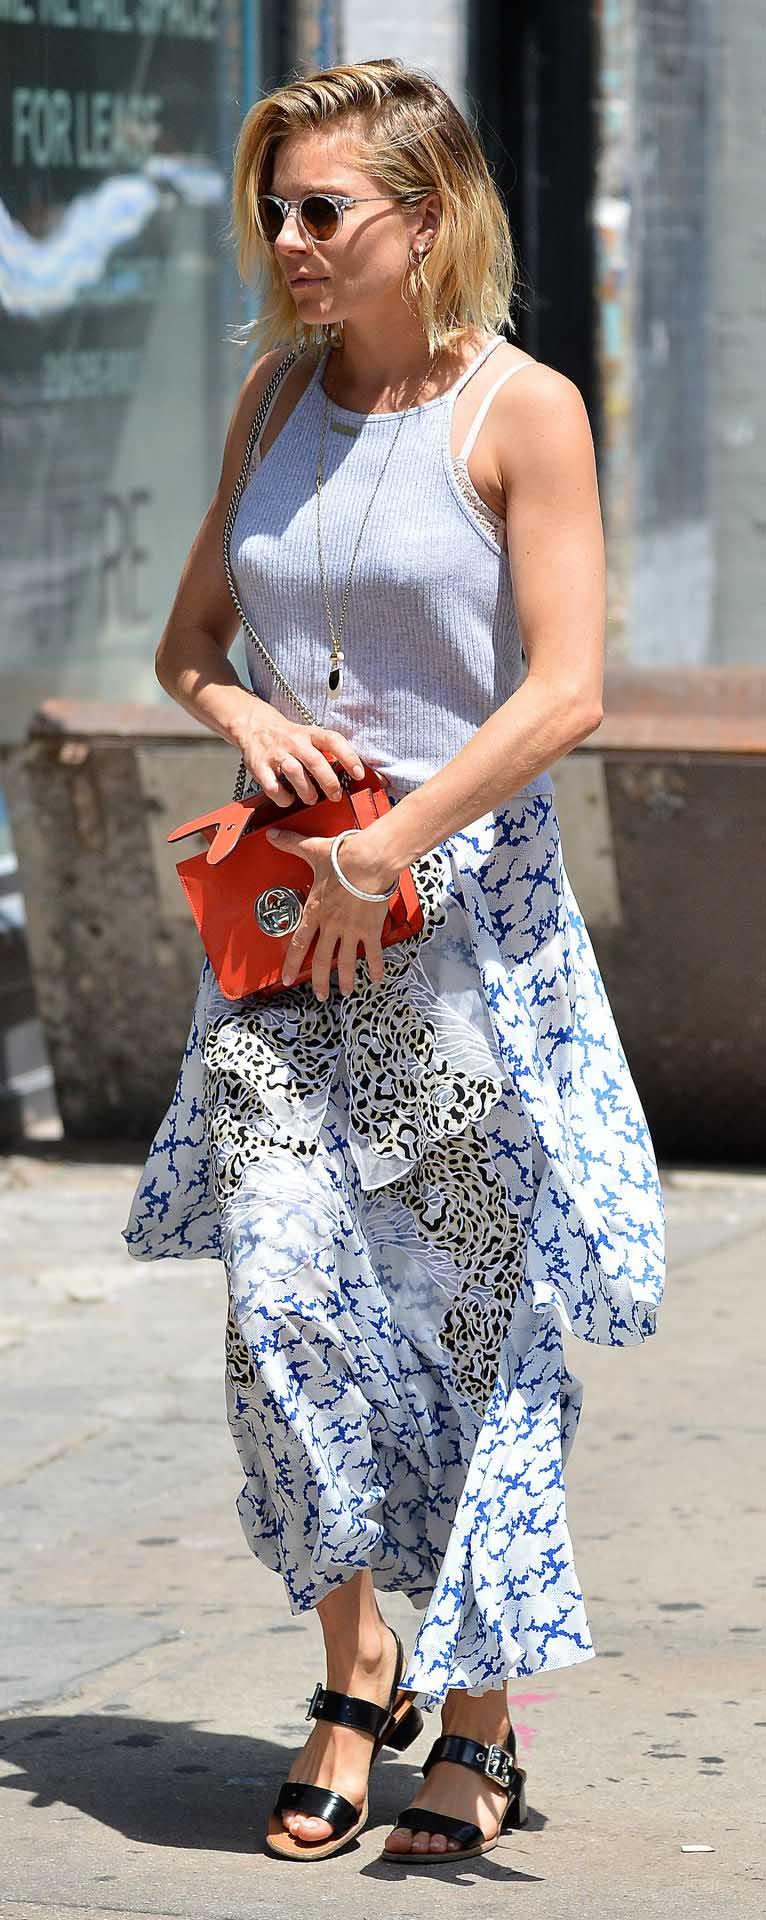 white-maxi-skirt-print-white-top-red-bag-black-shoe-sandals-sun-siennamiller-spring-summer-blonde-lunch.jpg